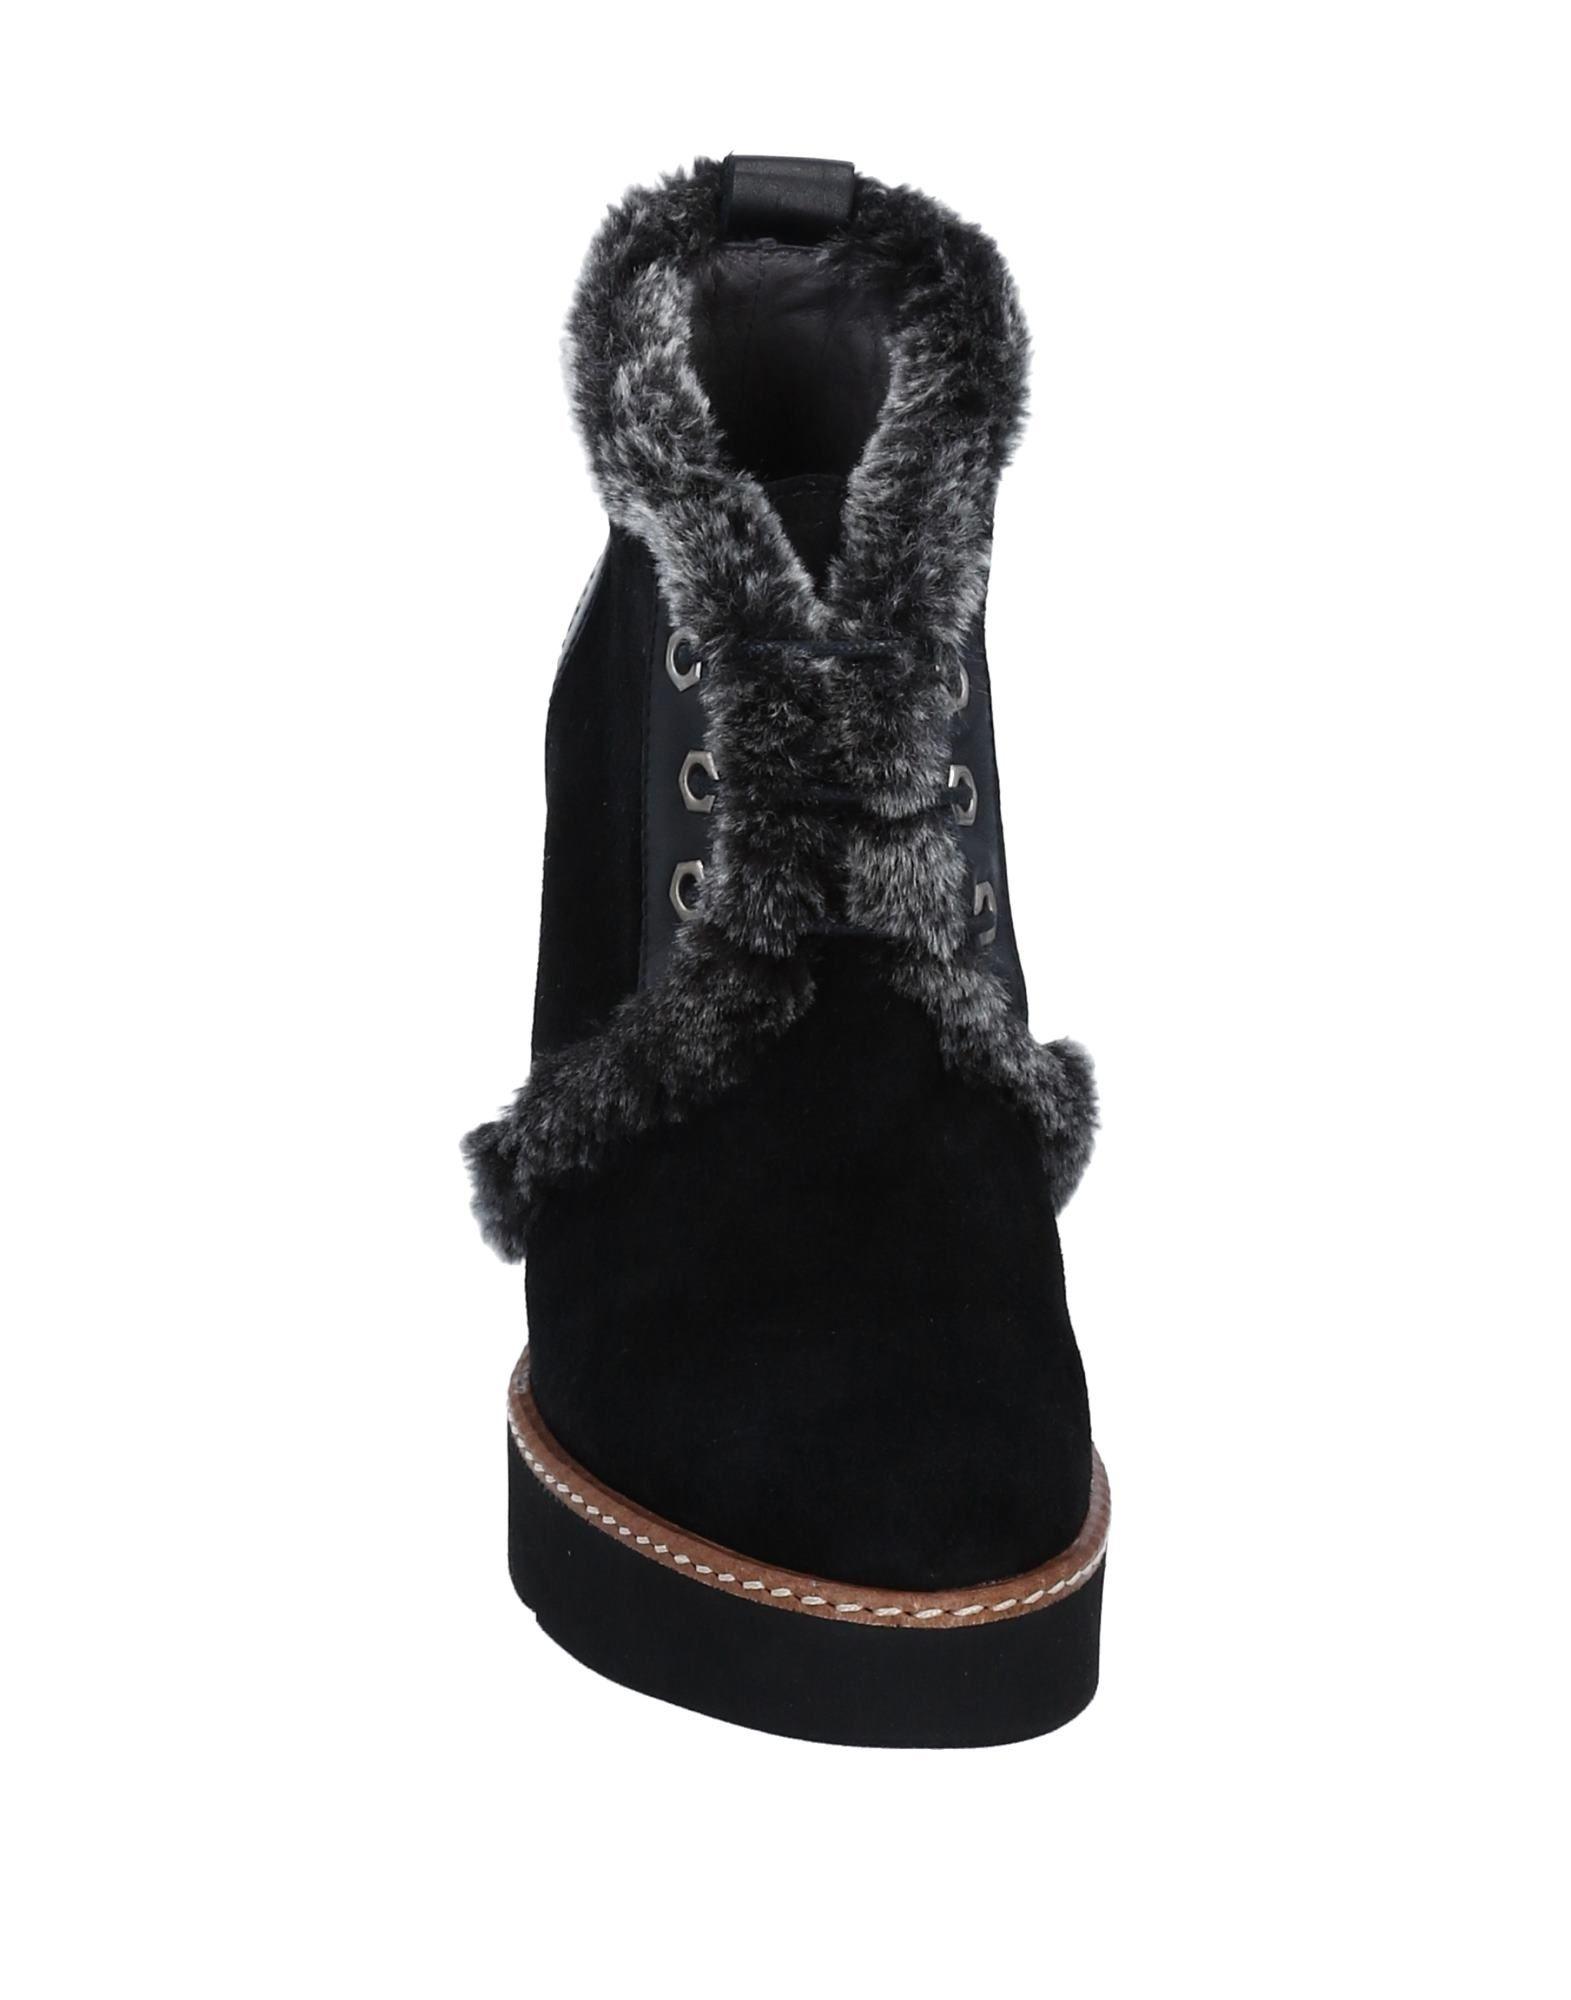 Kanna Stiefelette Damen Schuhe 11275072QX Gute Qualität beliebte Schuhe Damen dadf75